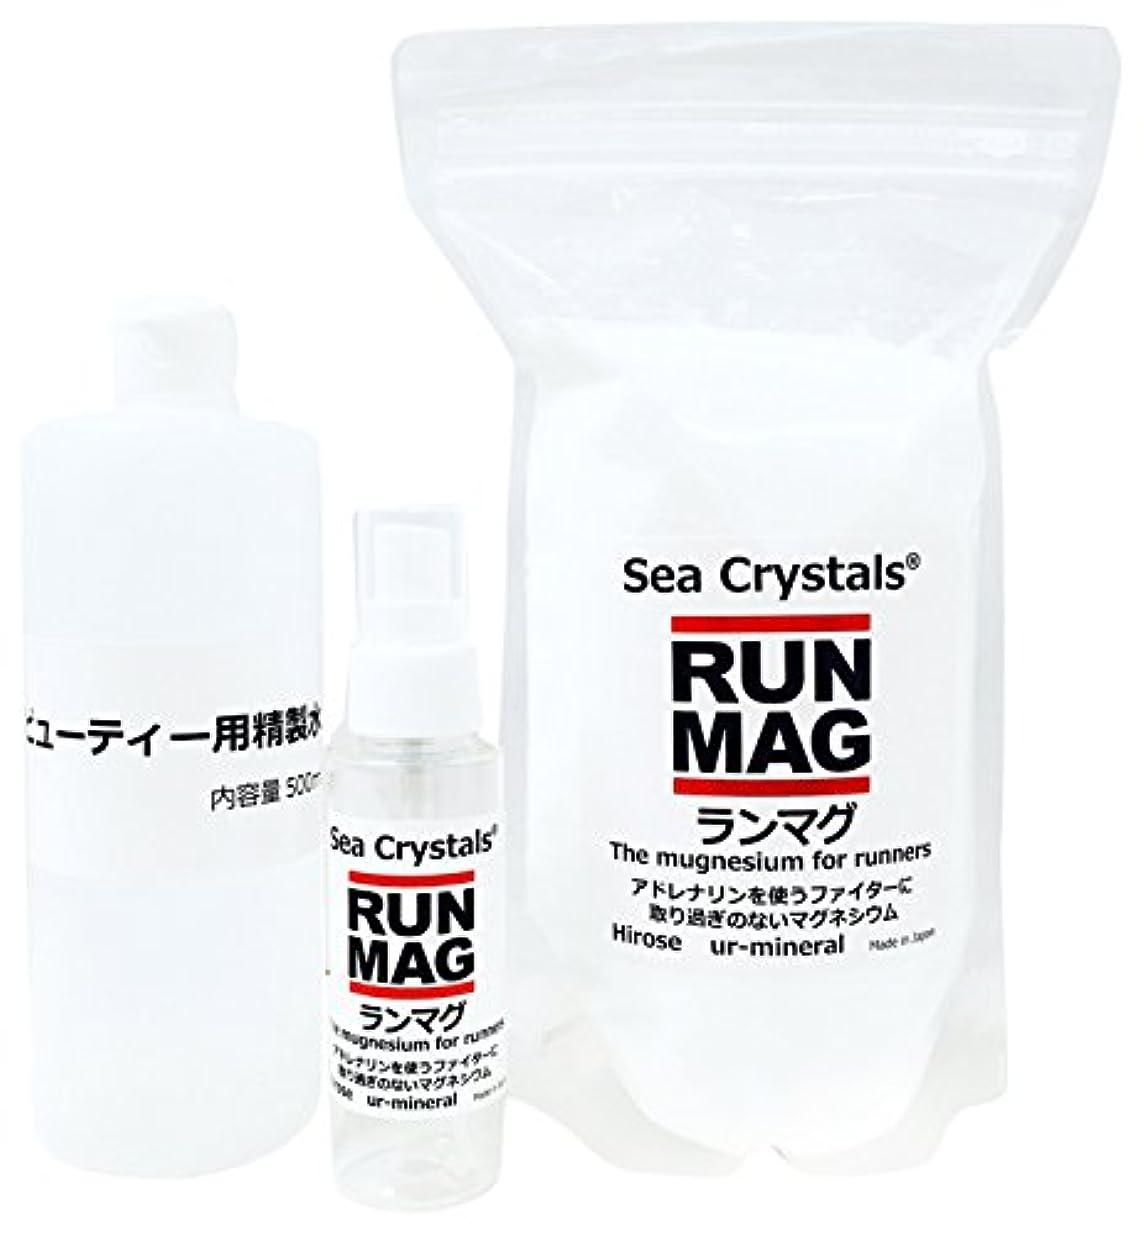 線テンポ色合いランマグ?マグネシウムオイル 500g 化粧品登録 日本製 1日マグネシウム360mg使用  精製水付き